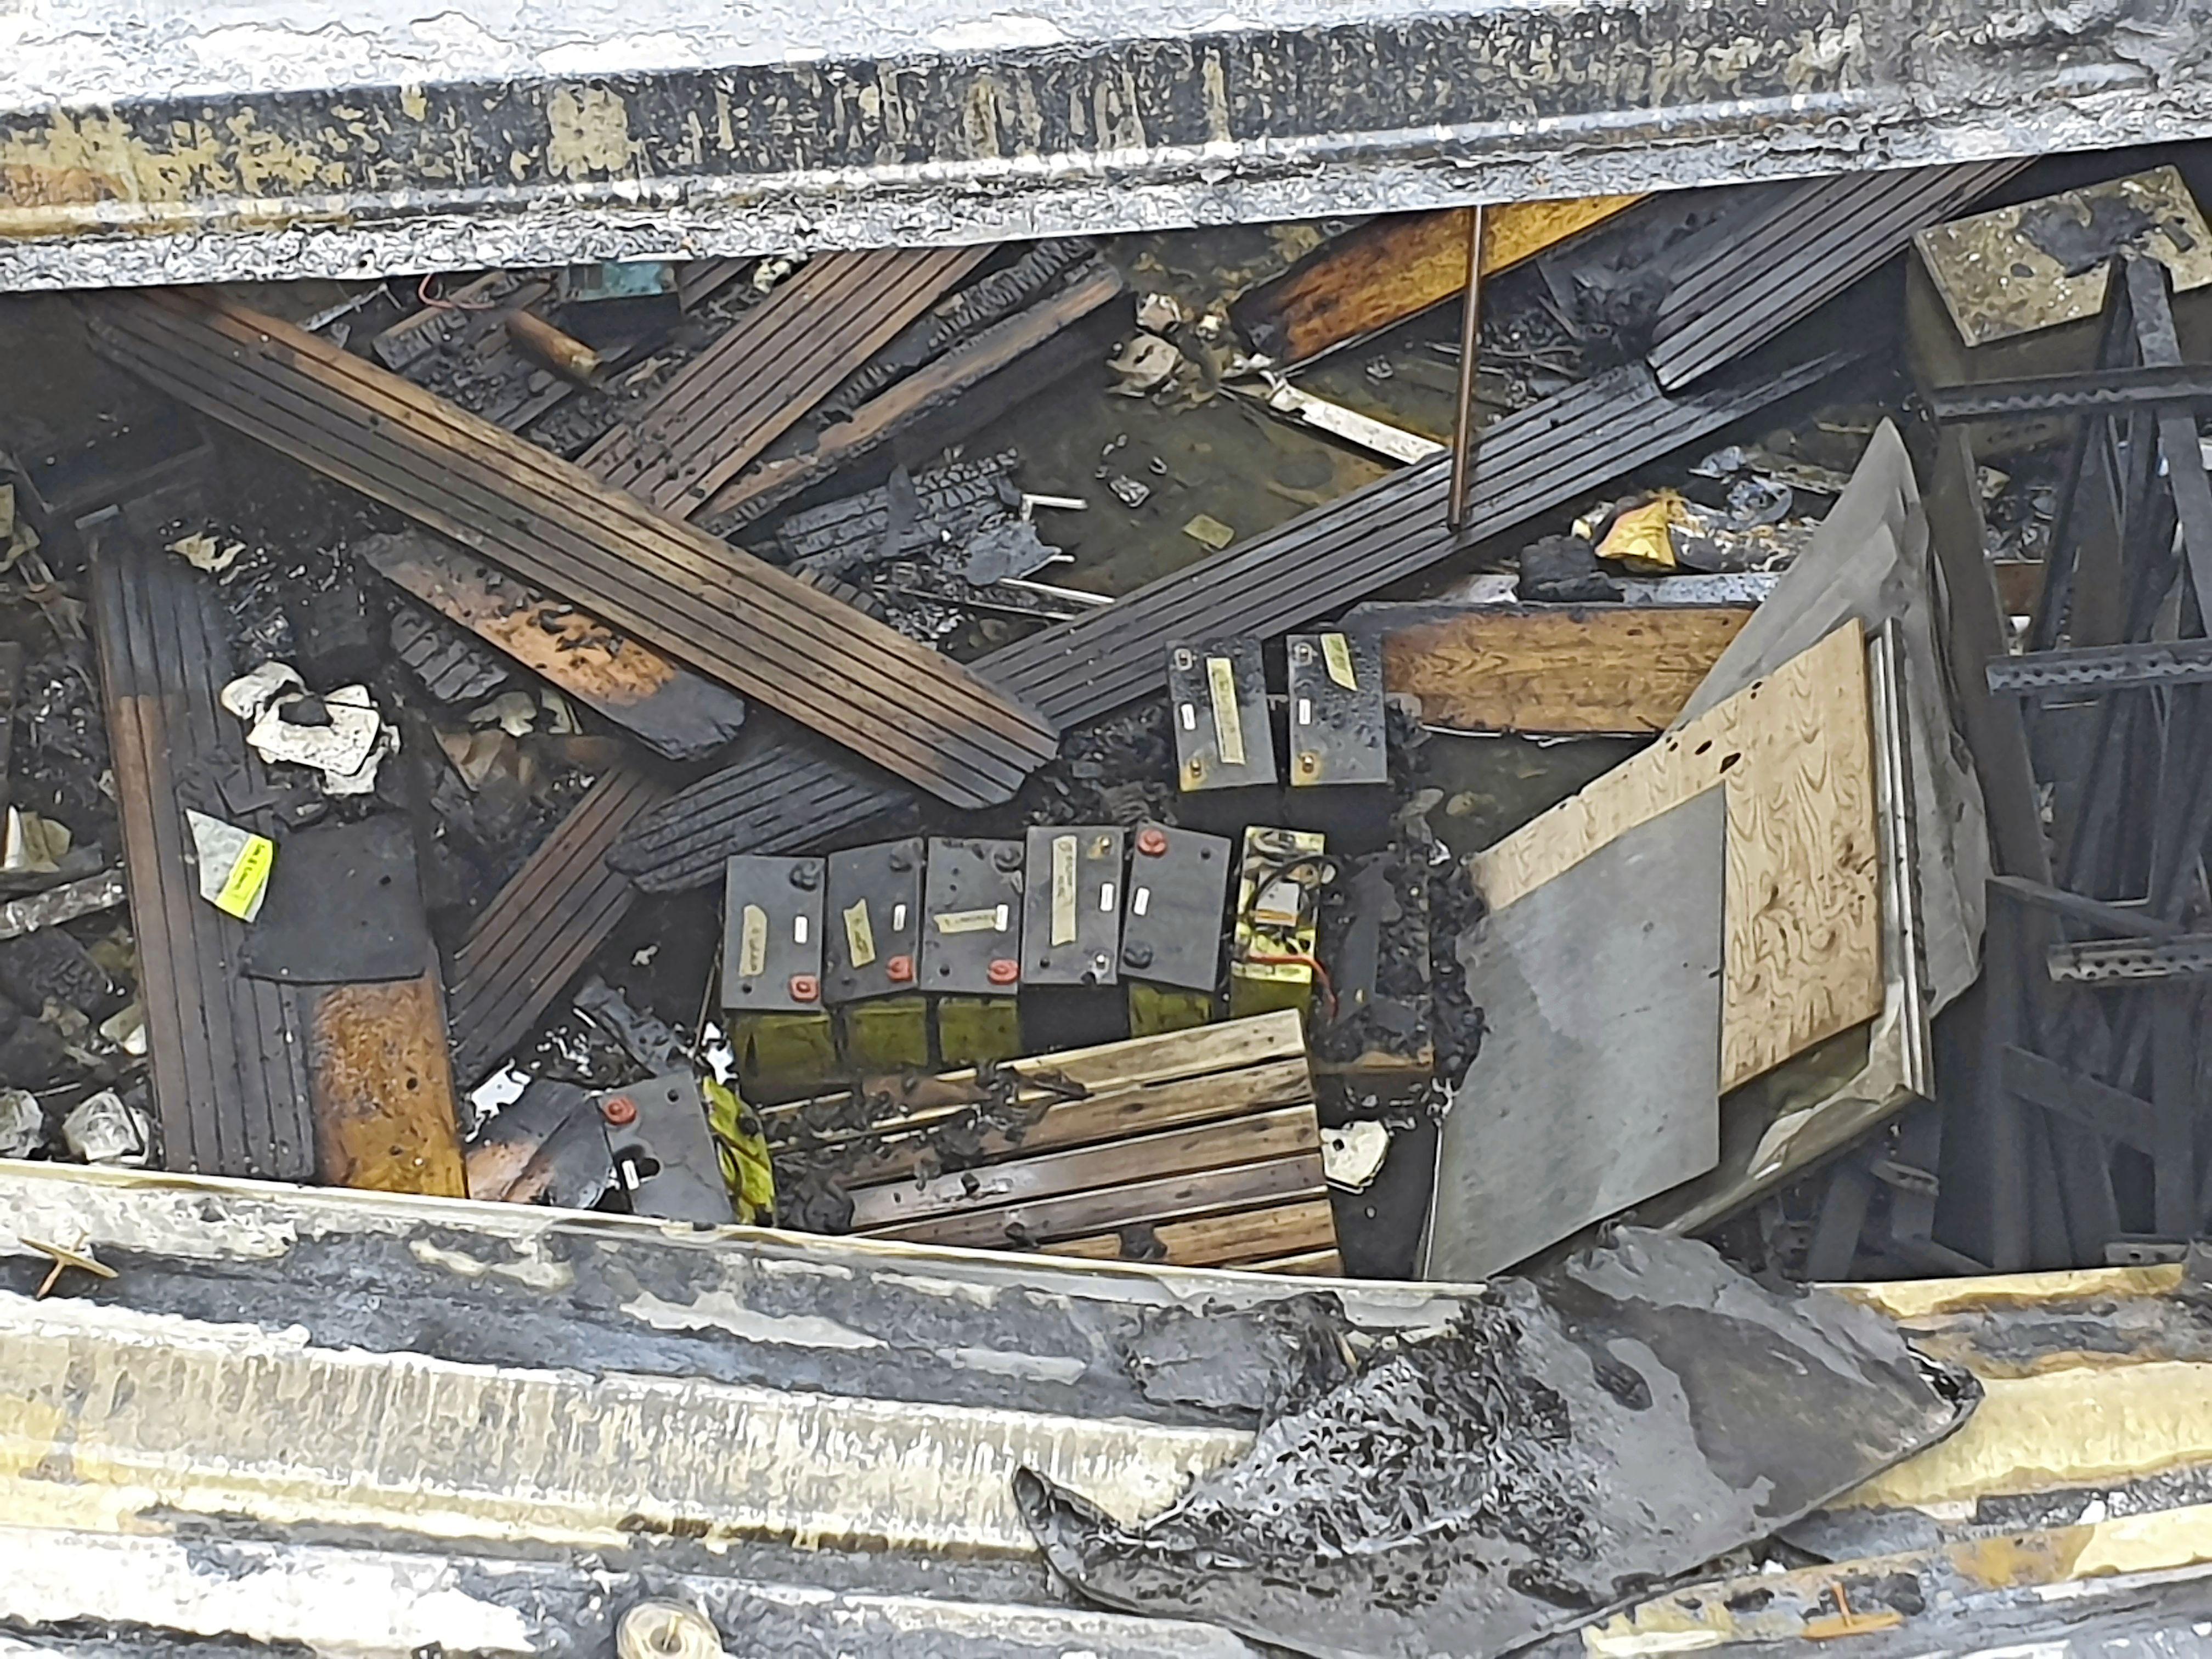 Onrust in Waarderpolder over 'spontane' branden in verwoeste accuopslag: 'Er ligt daar een zooitje accu's en niemand doet wat' [video]